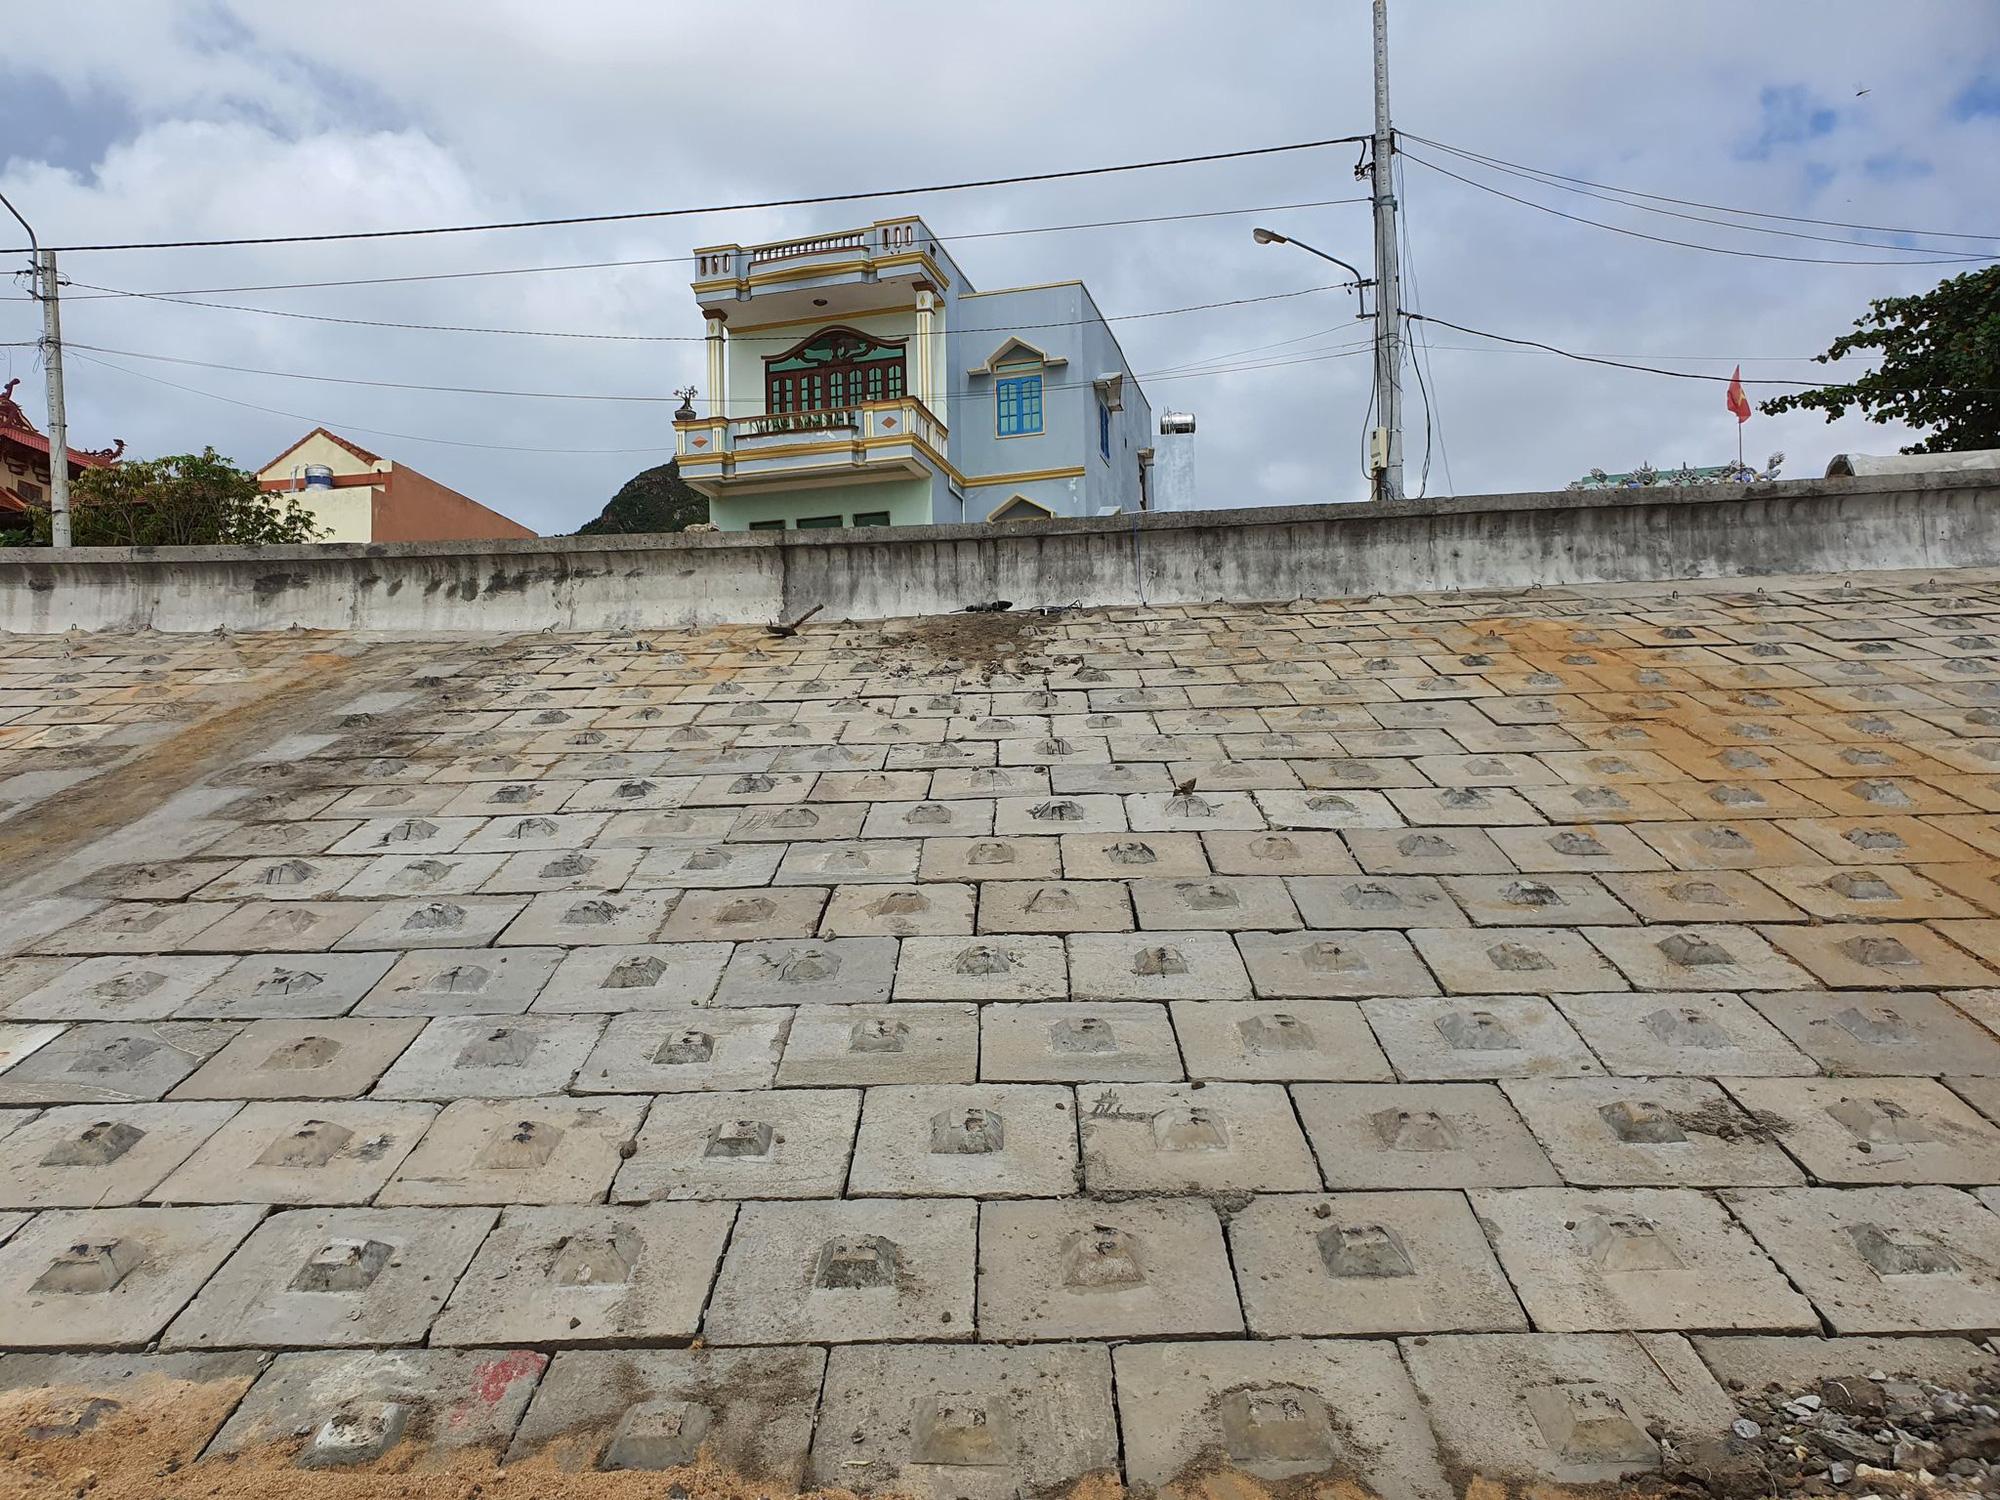 """Bình Định: """"Chạy đua""""… xây dựng kè biển 99 tỷ đồng bảo vệ cả làng chài - Ảnh 5."""